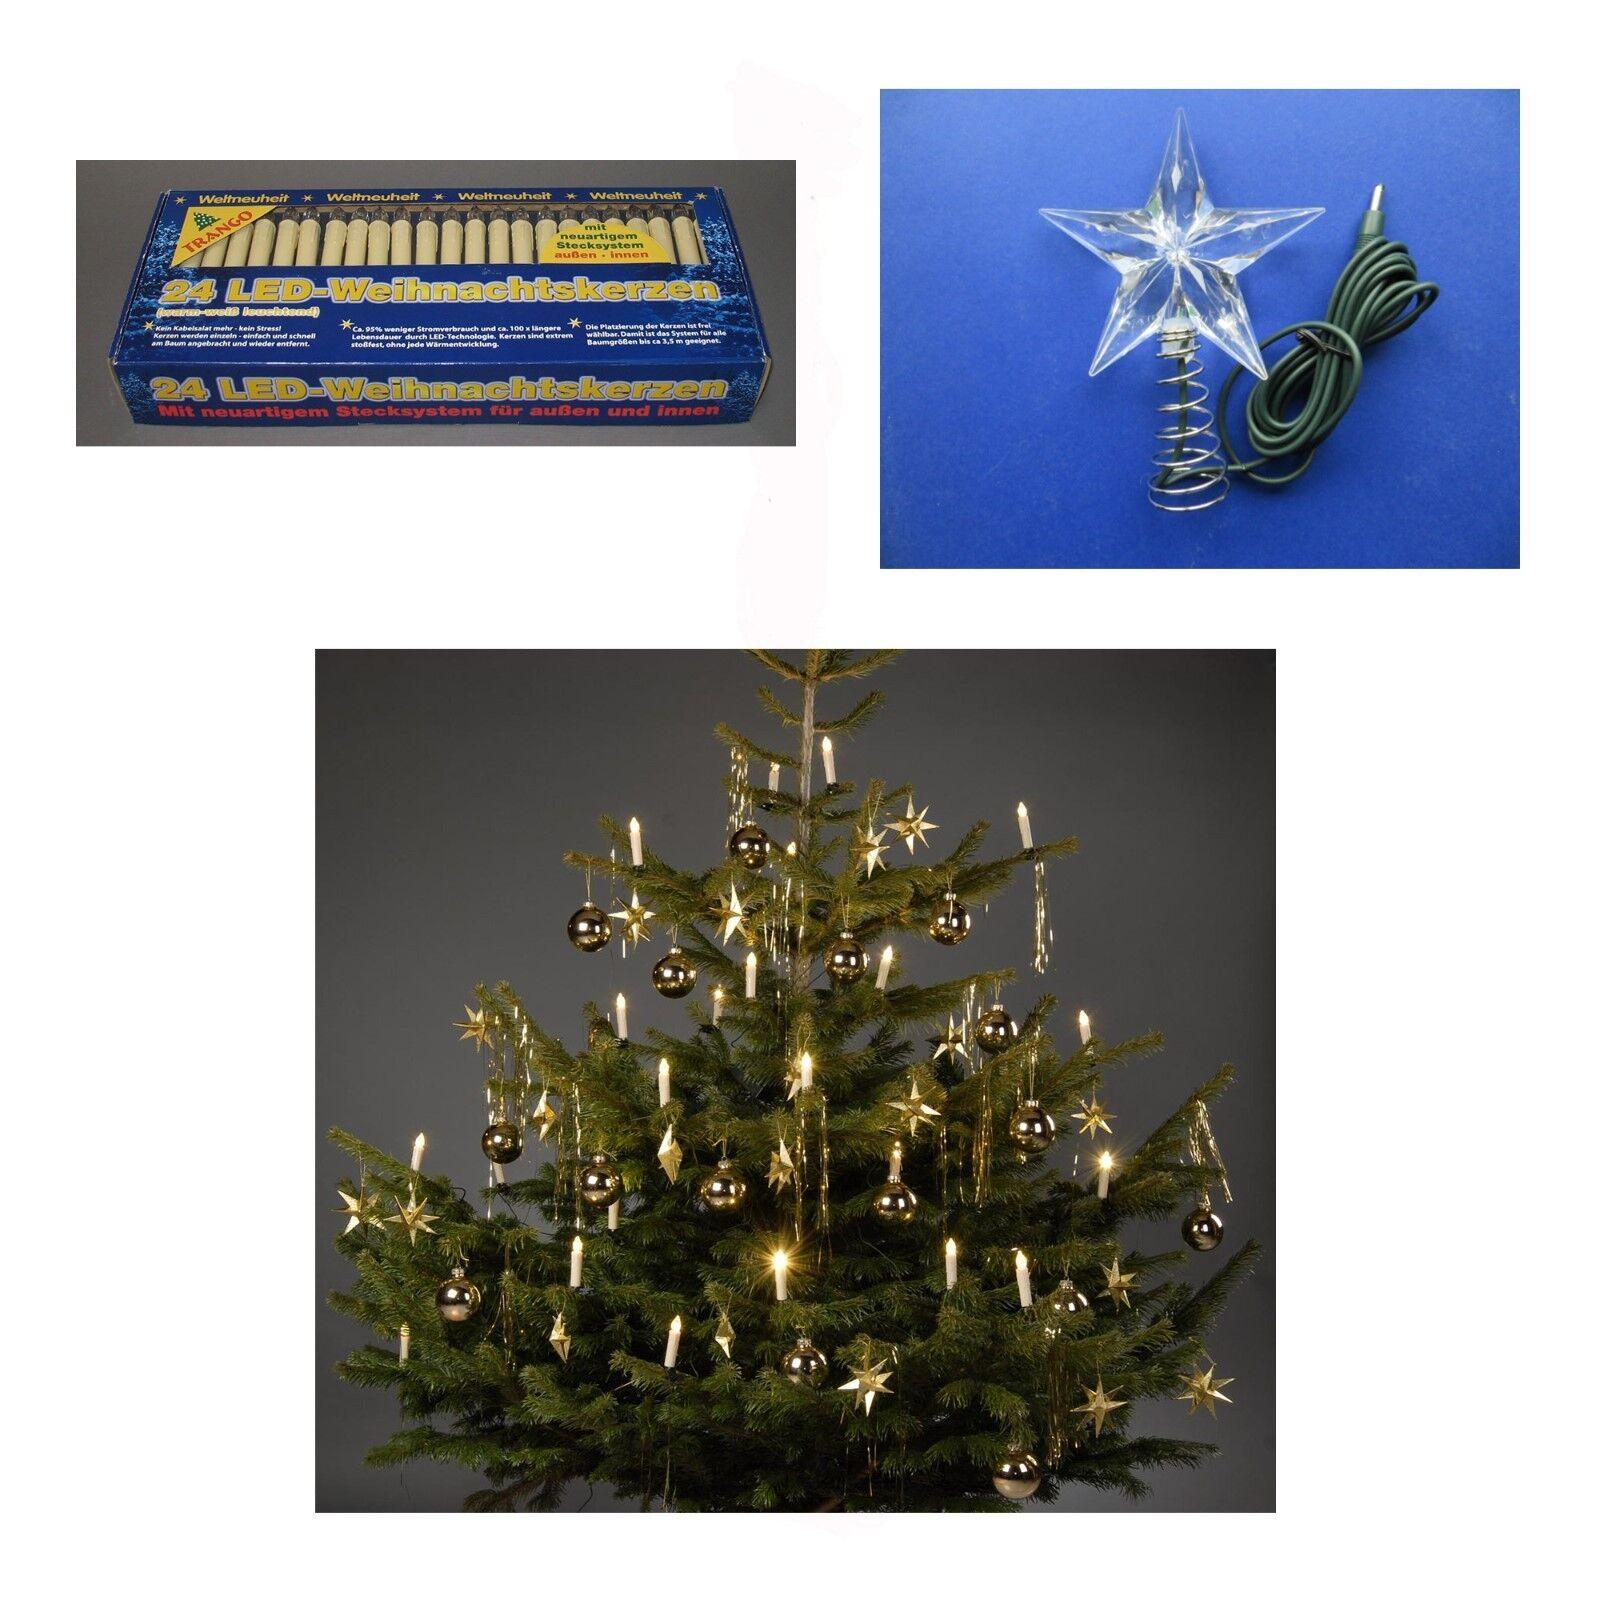 LED Weihnachts Kerzen Stern  Aussen Lichterkette Tannen Christ Baum Weihnachten